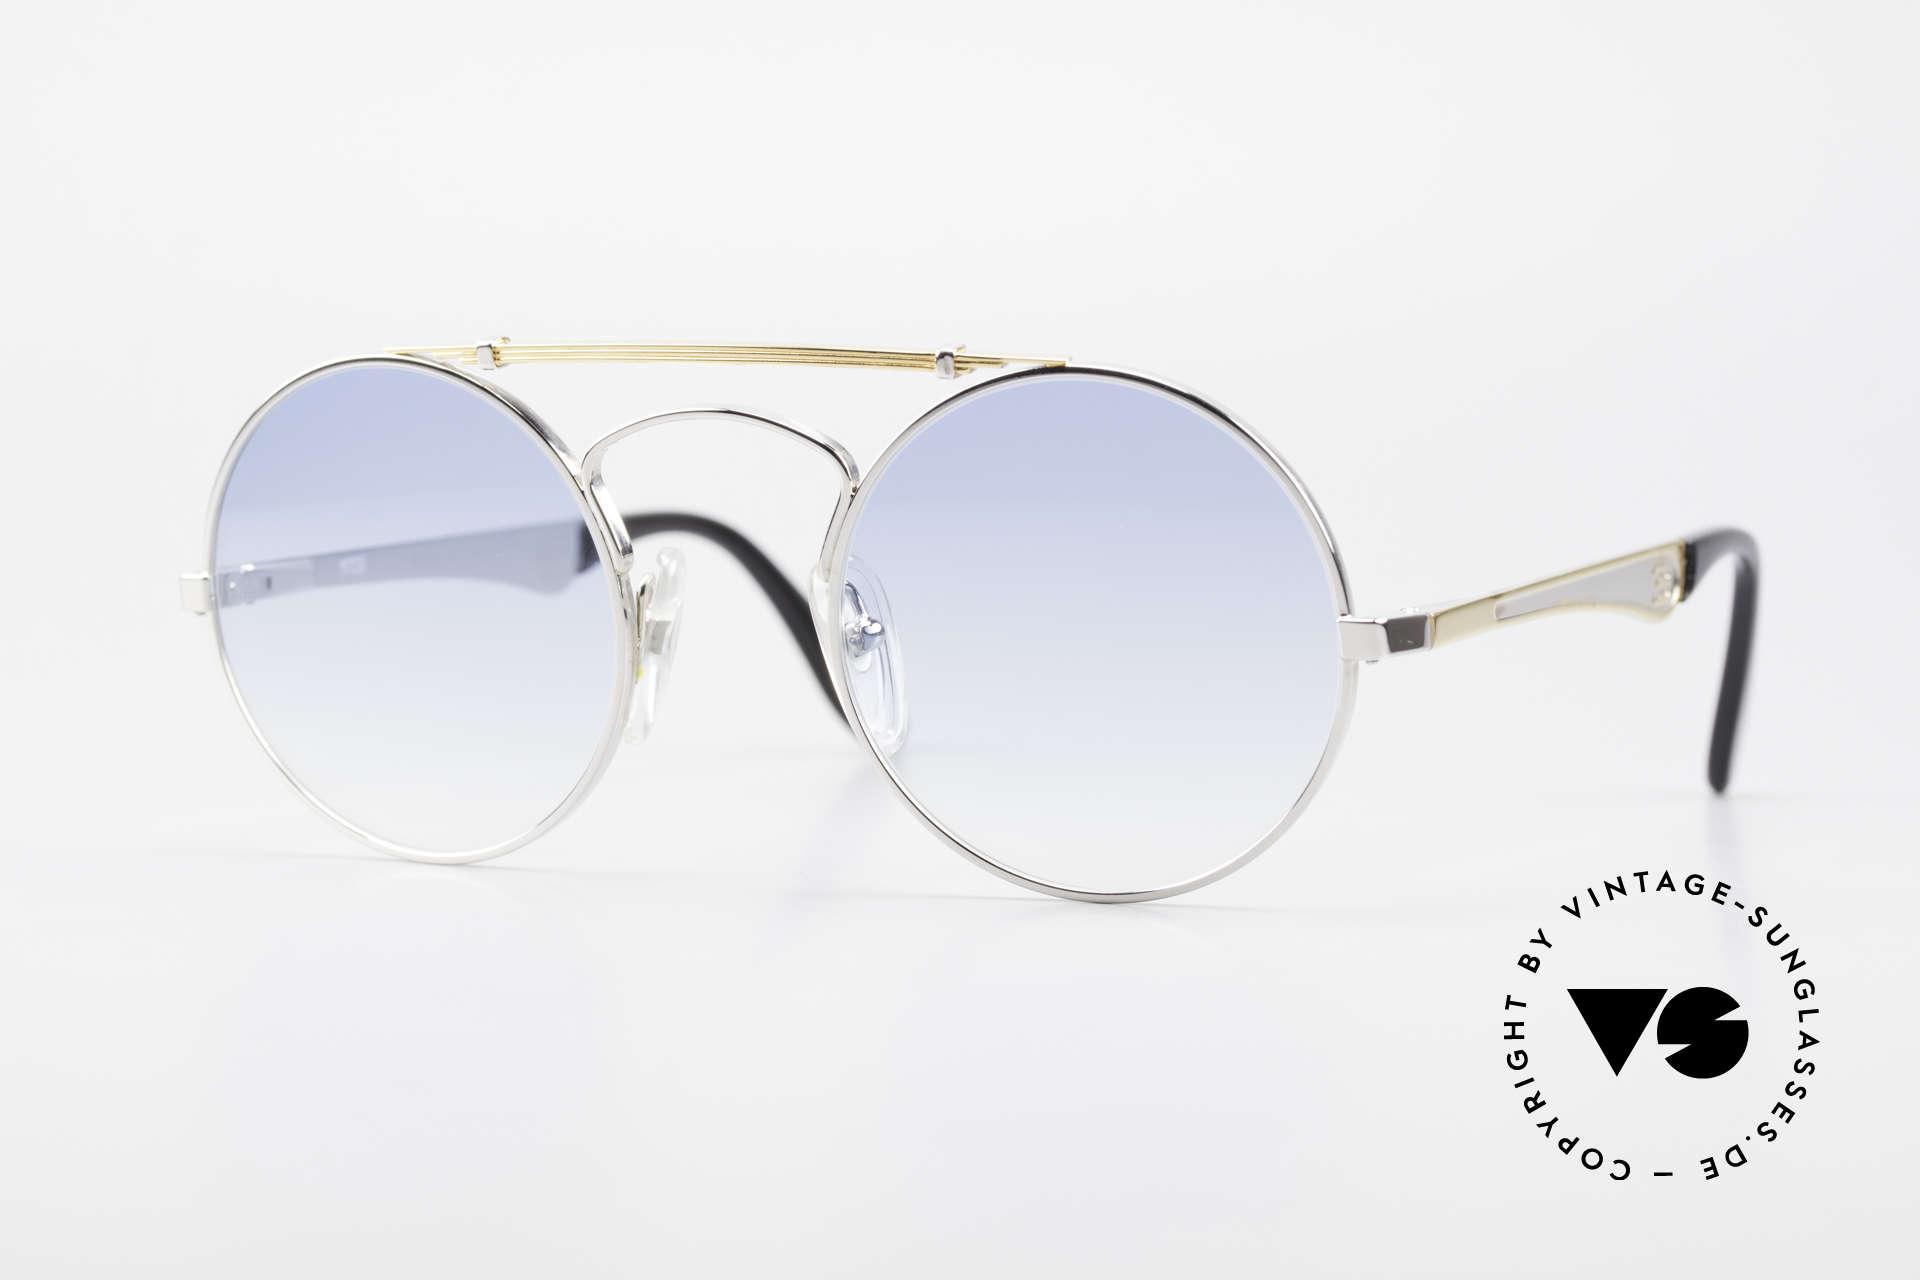 Bugatti 11709 80's Luxury Sunglasses Round, round vintage Bugatti sunglasses in M size 48/22, Made for Men